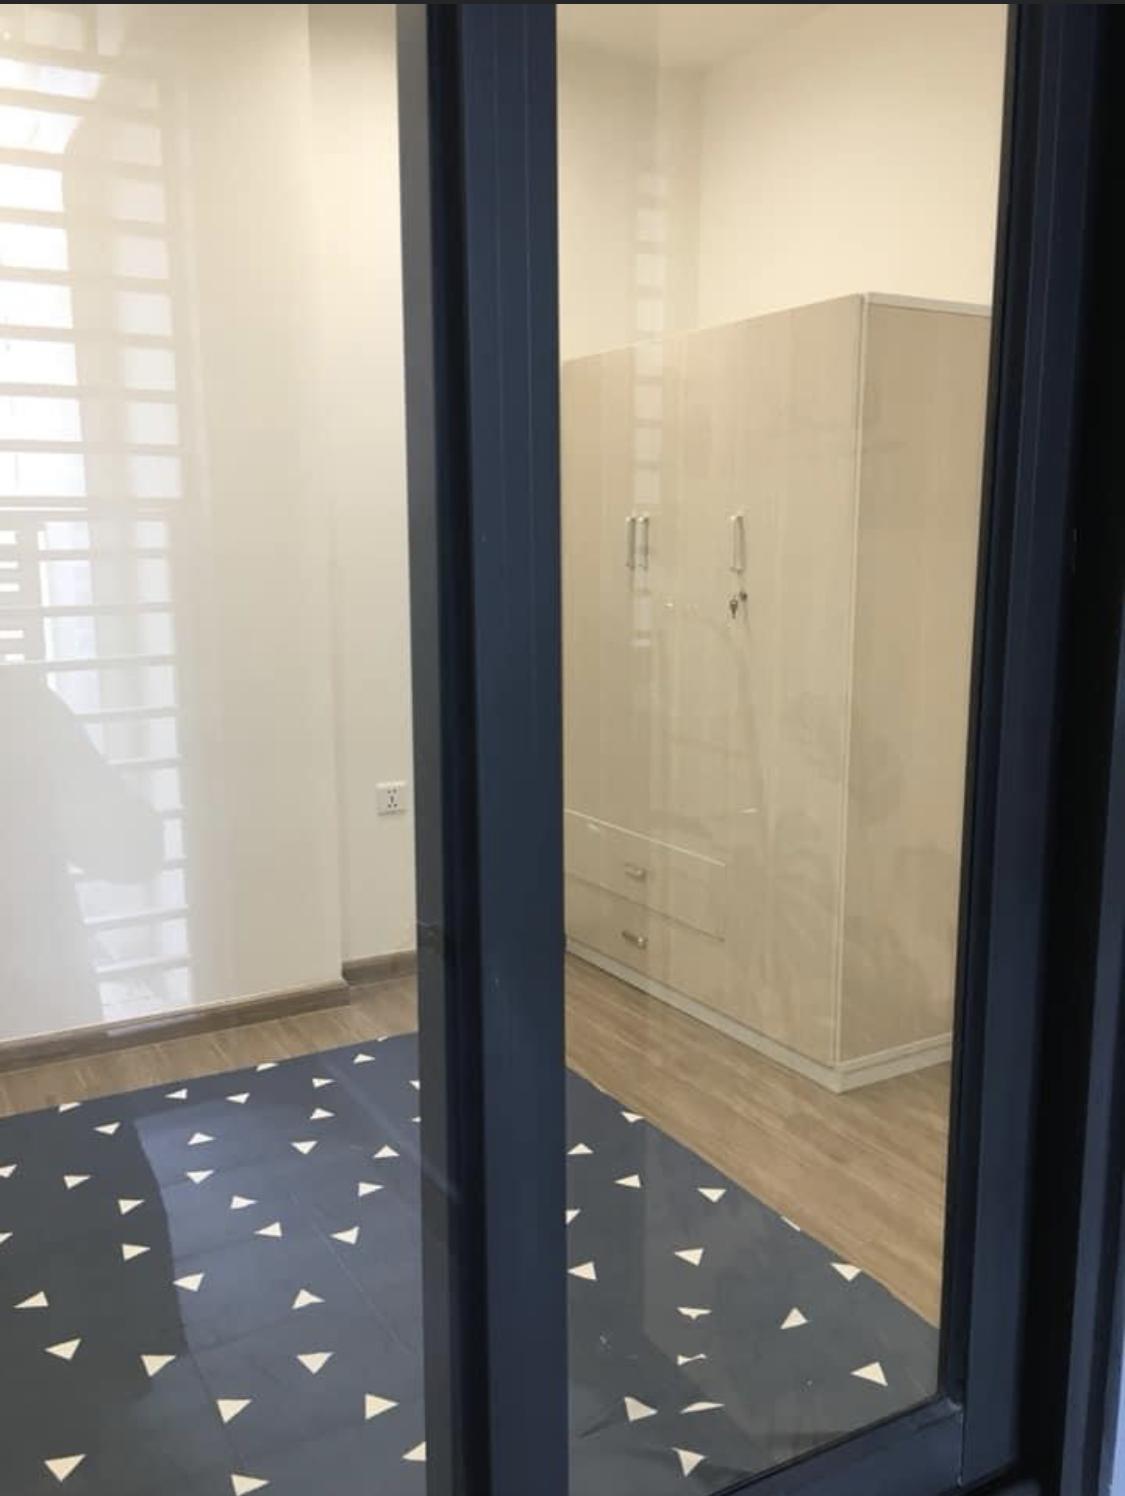 cho thuê Căn hộ 2 phòng ngủ 1 Toilet S5.02 Vinhomes Grand Park 9